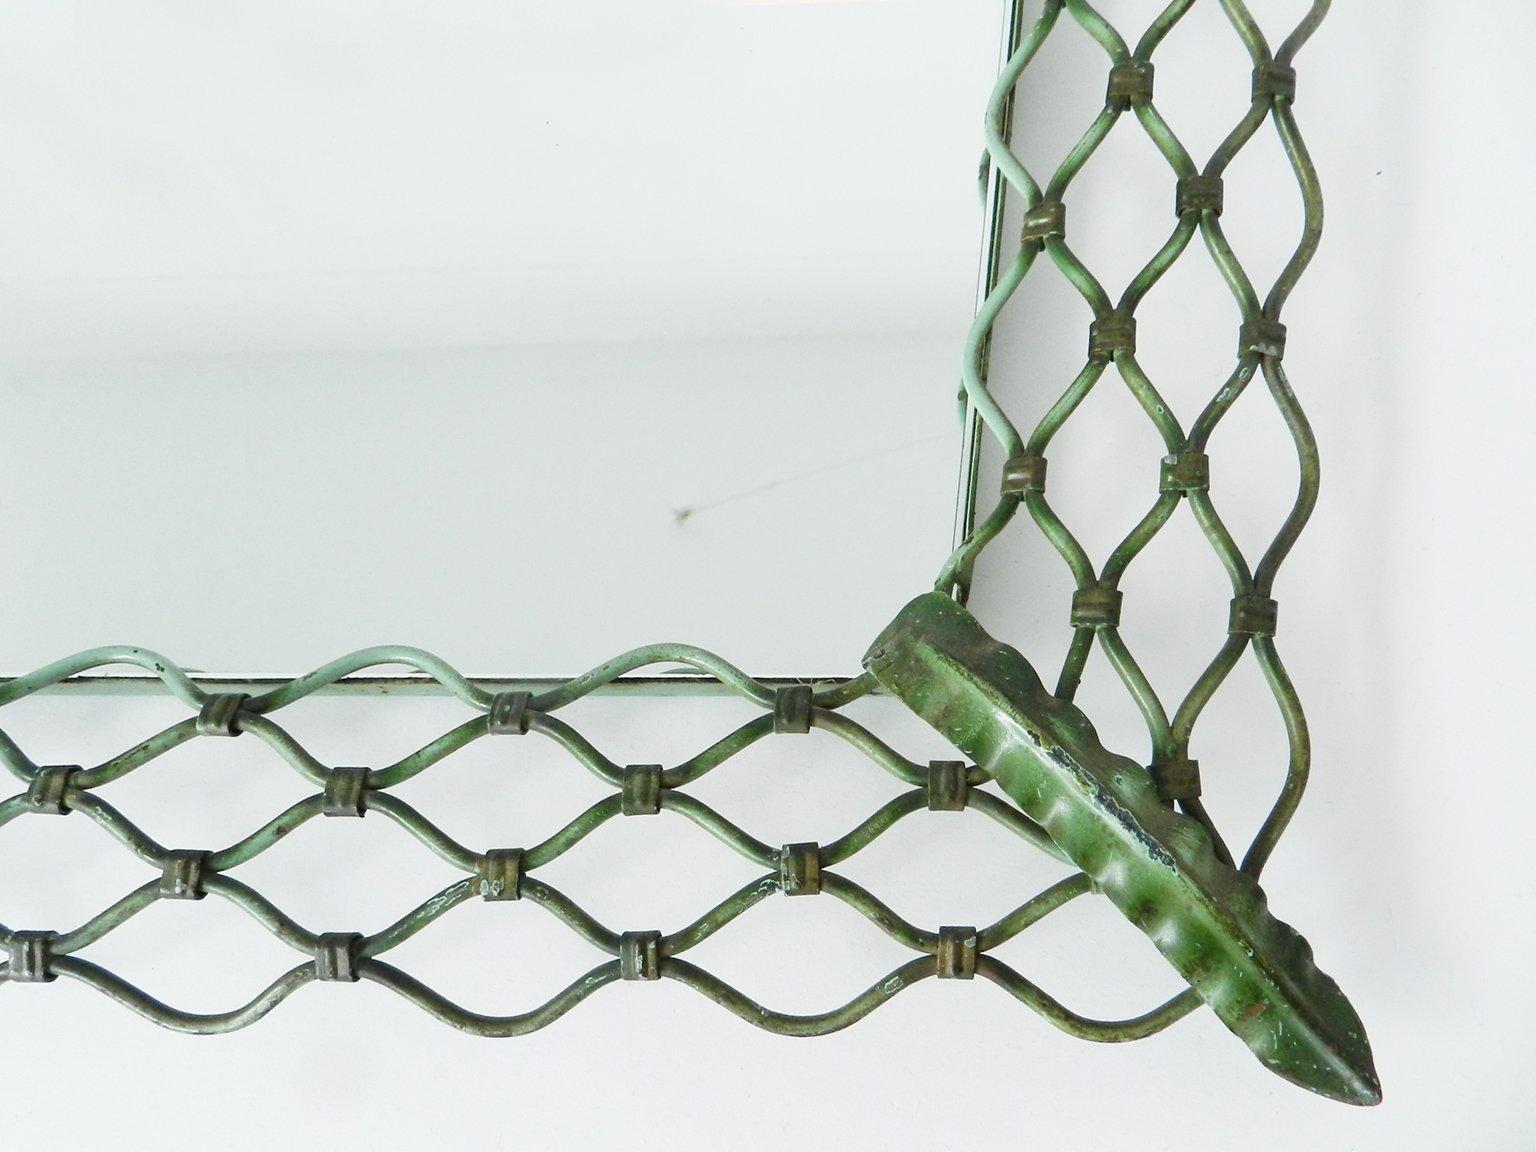 italienischer vintage spiegel mit metallrahmen bei pamono. Black Bedroom Furniture Sets. Home Design Ideas